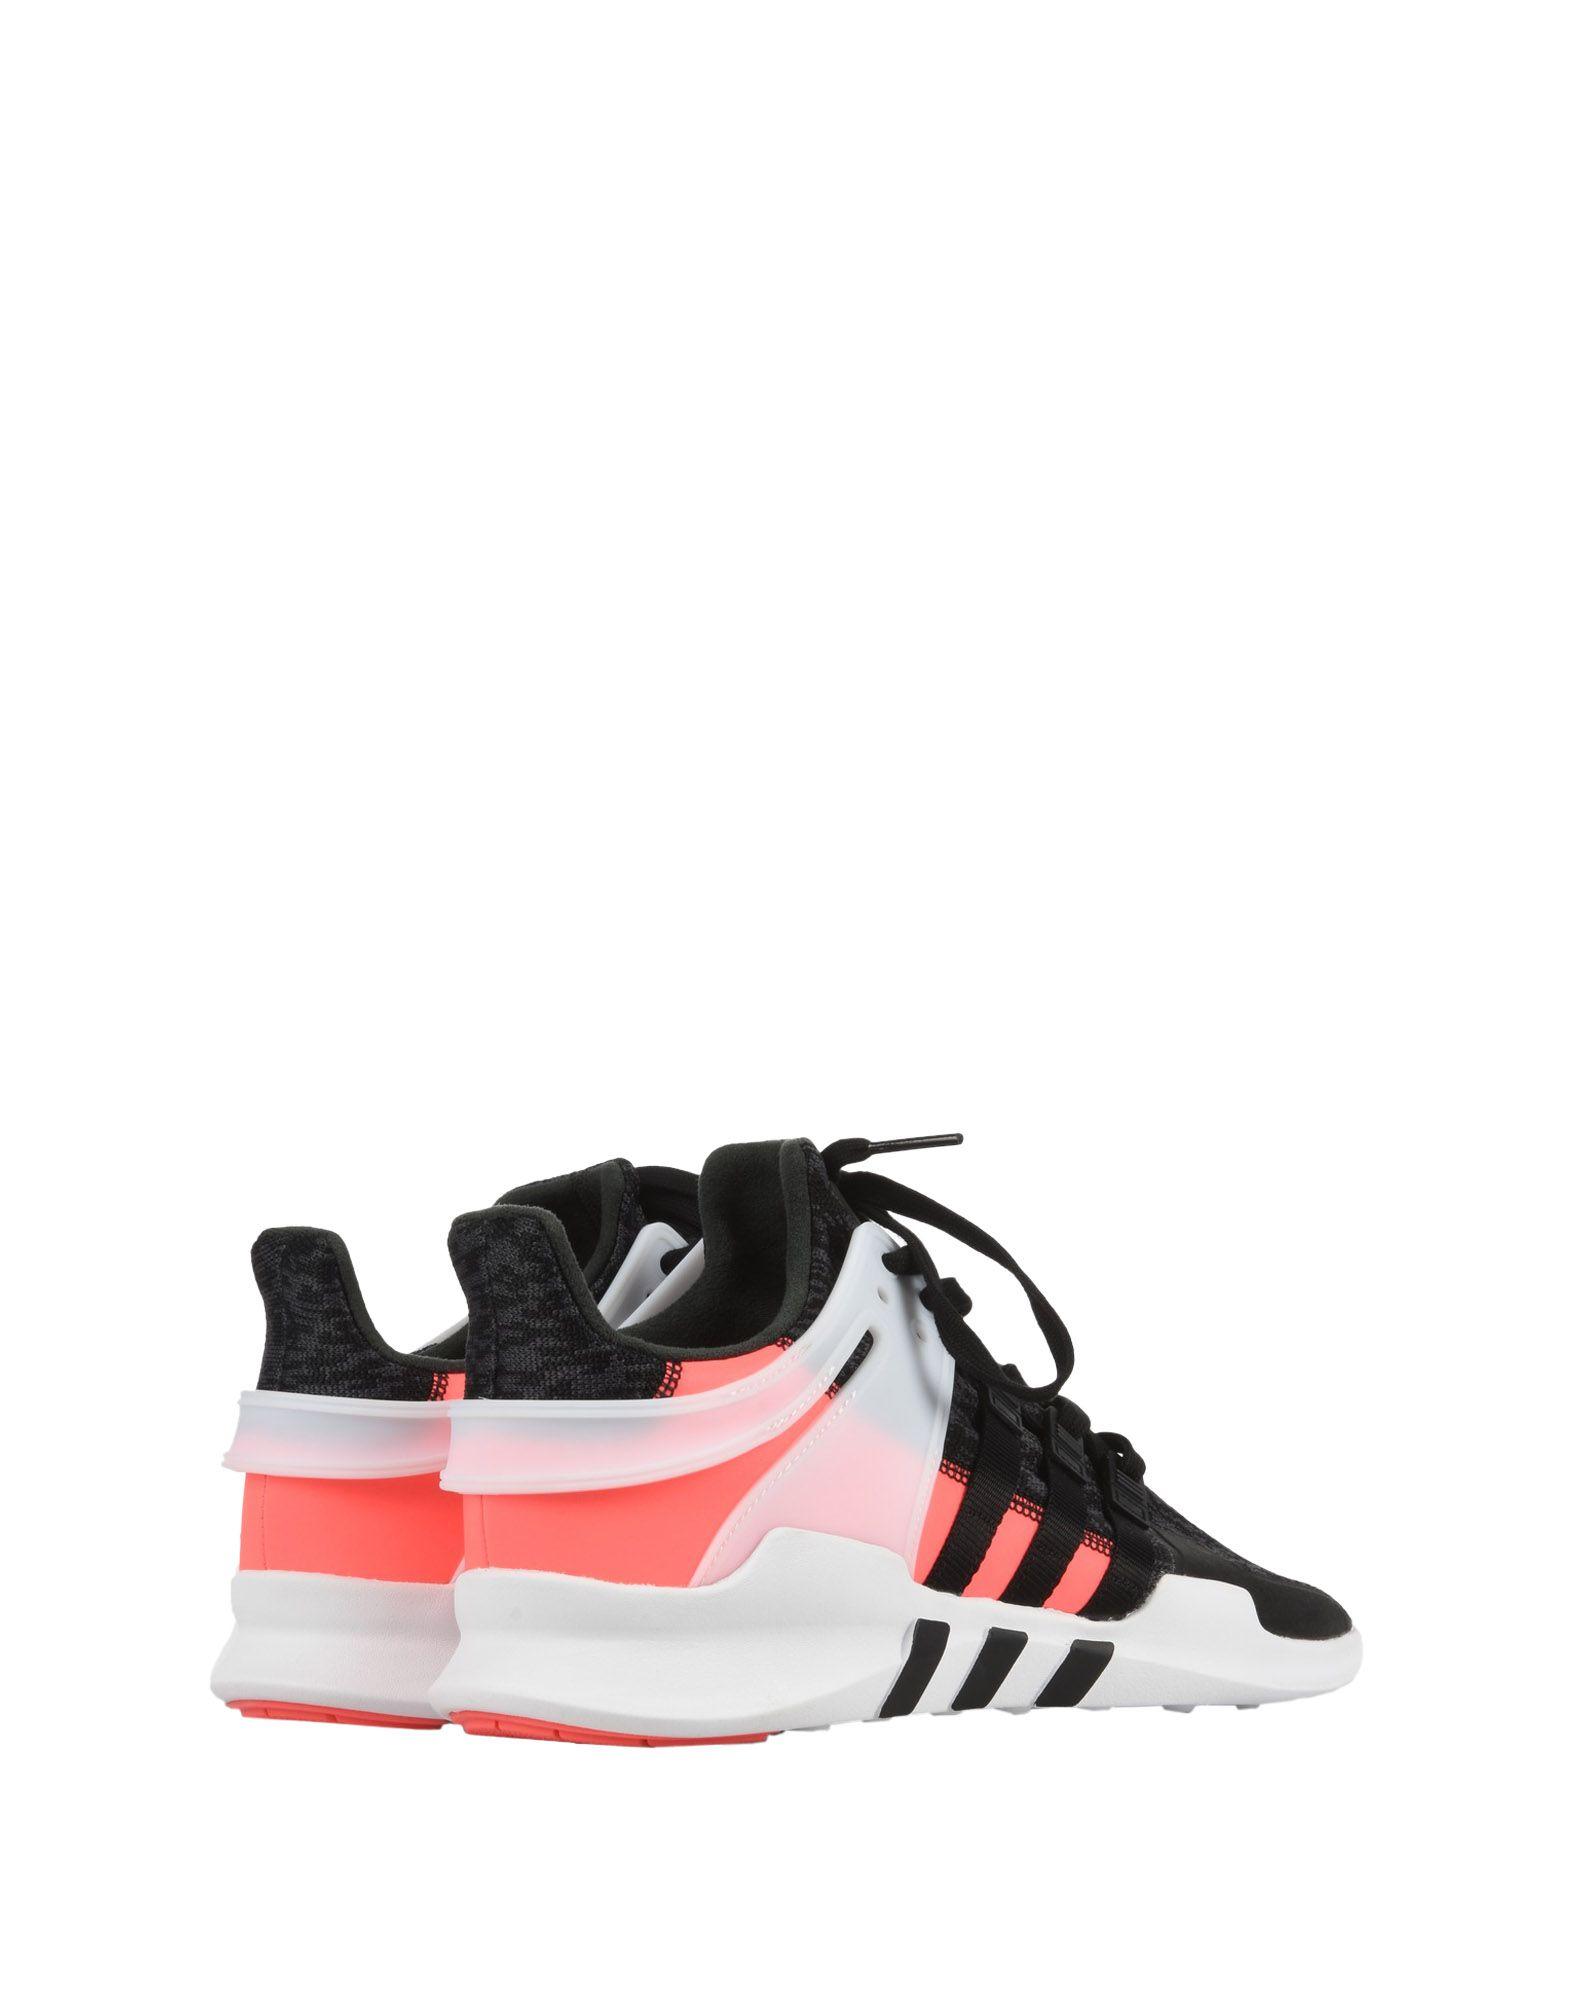 Adidas  Originals Eqt Support Adv  Adidas 11205383BE fba4bd